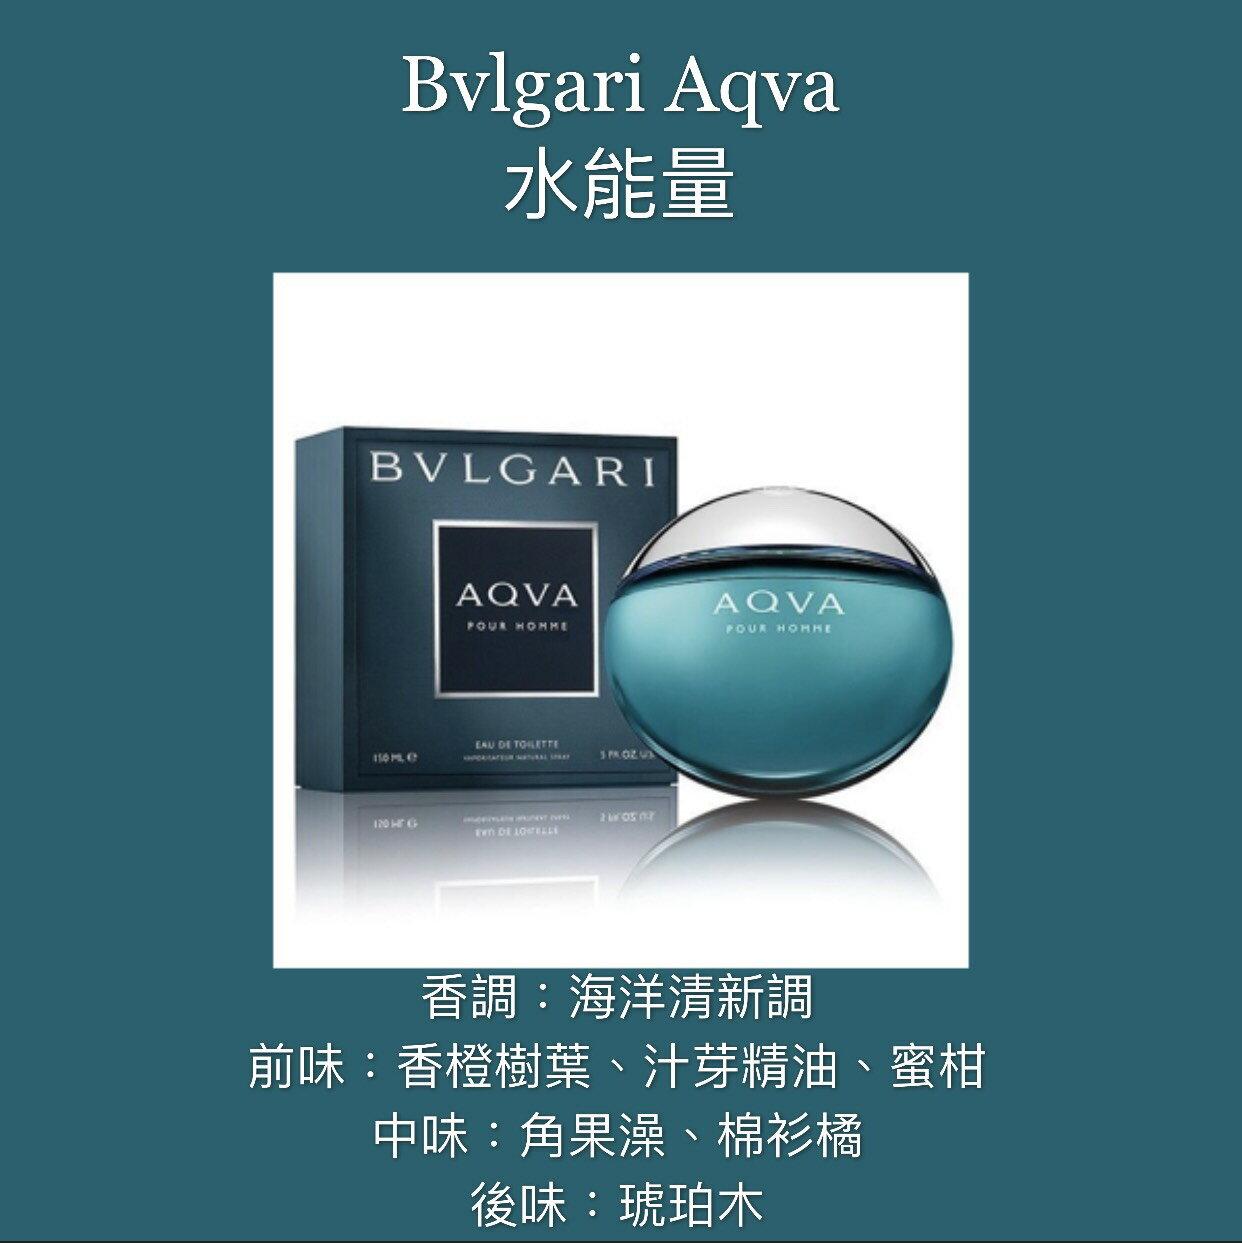 【香舍】BVLGARI AQVA 寶格麗水能量 男性淡香水